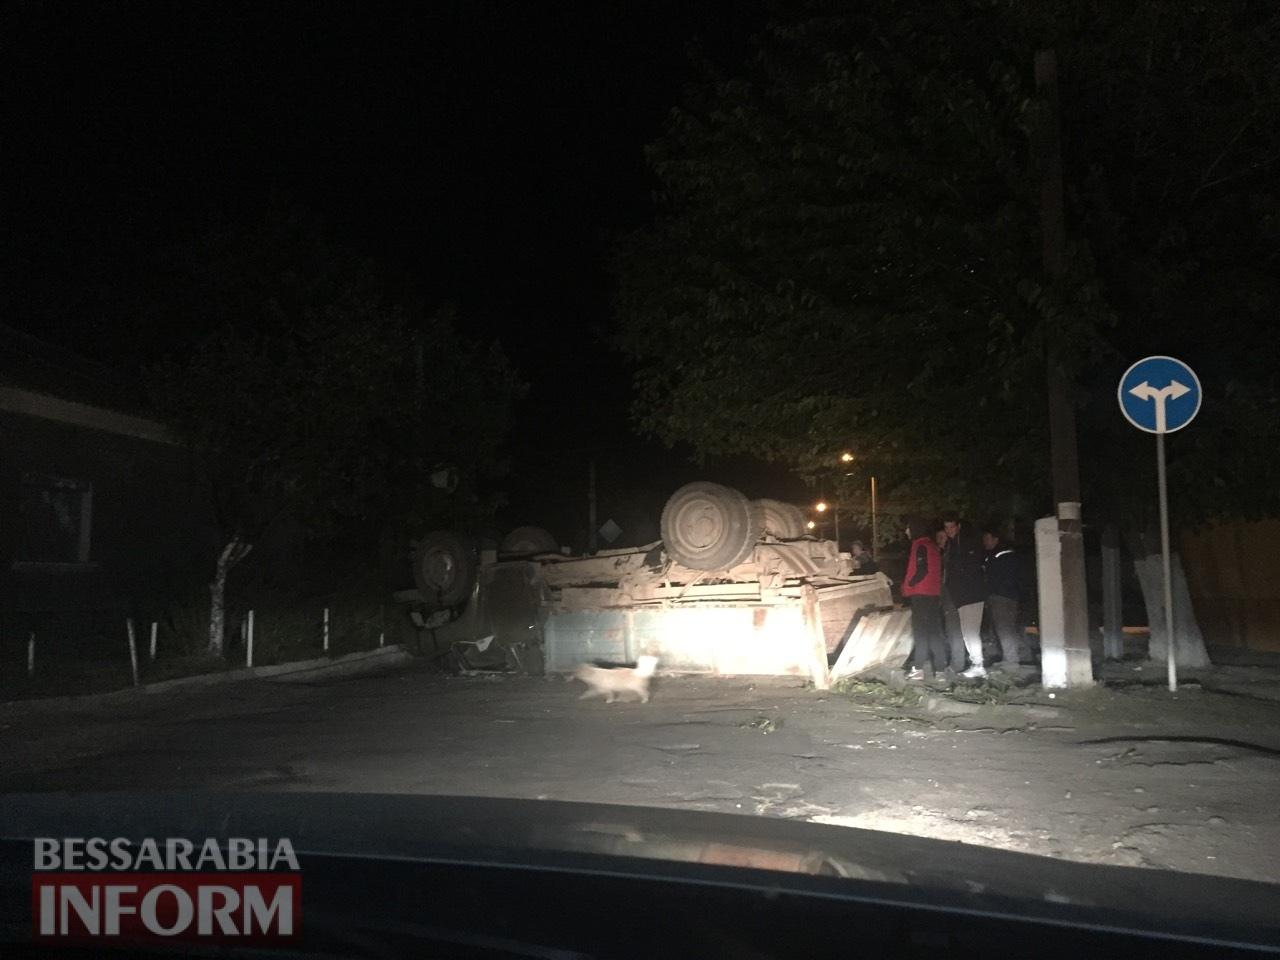 ДТП в Измаиле: возле автостанции микроавтобус Volkswagen Transporter перевернул ЗИЛ